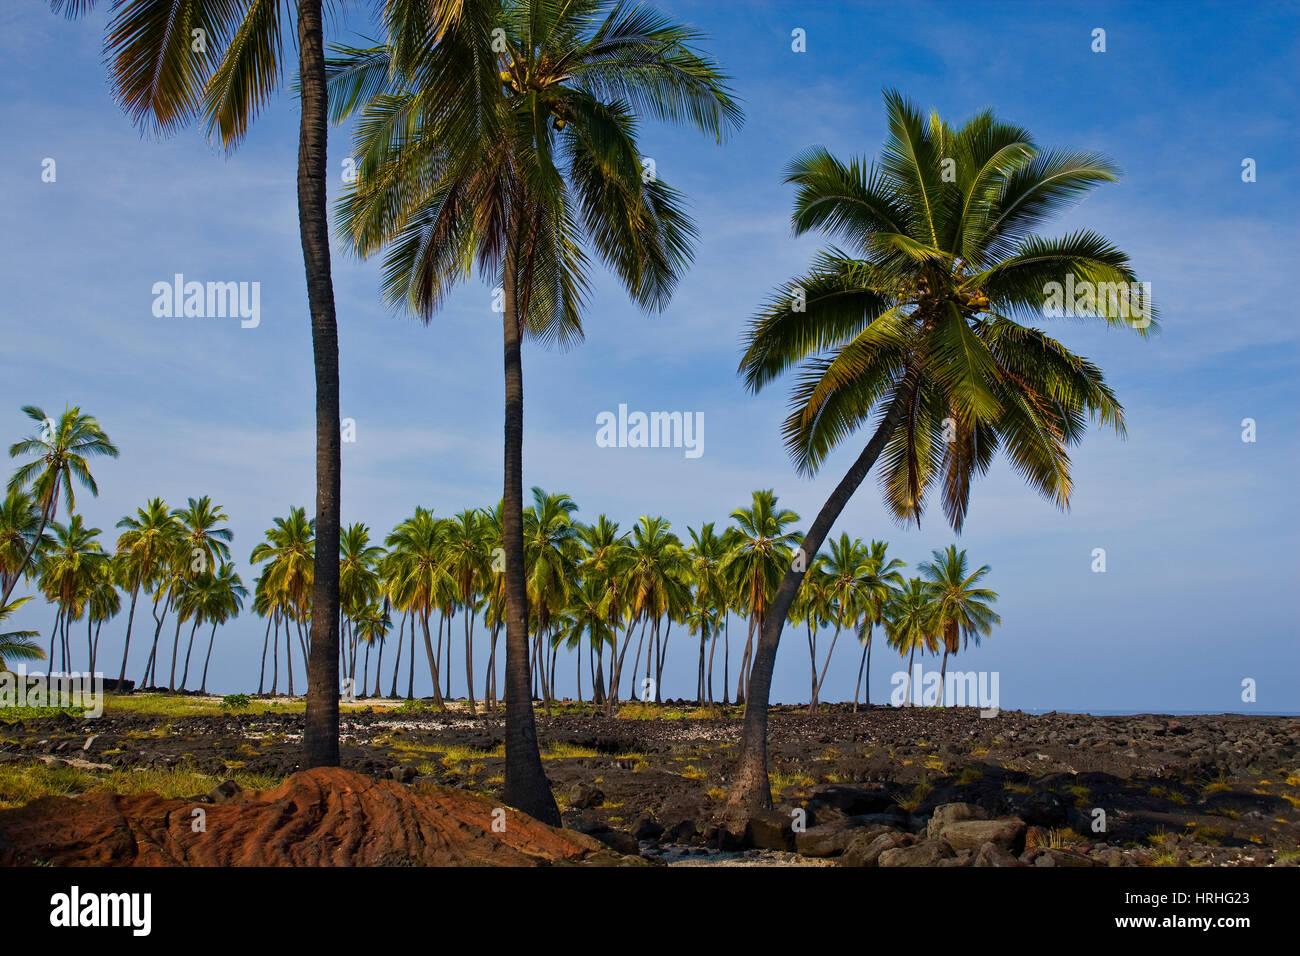 Palm Trees, Pu'uhonua o Honaunau, Big Island, Hawaii - Stock Image